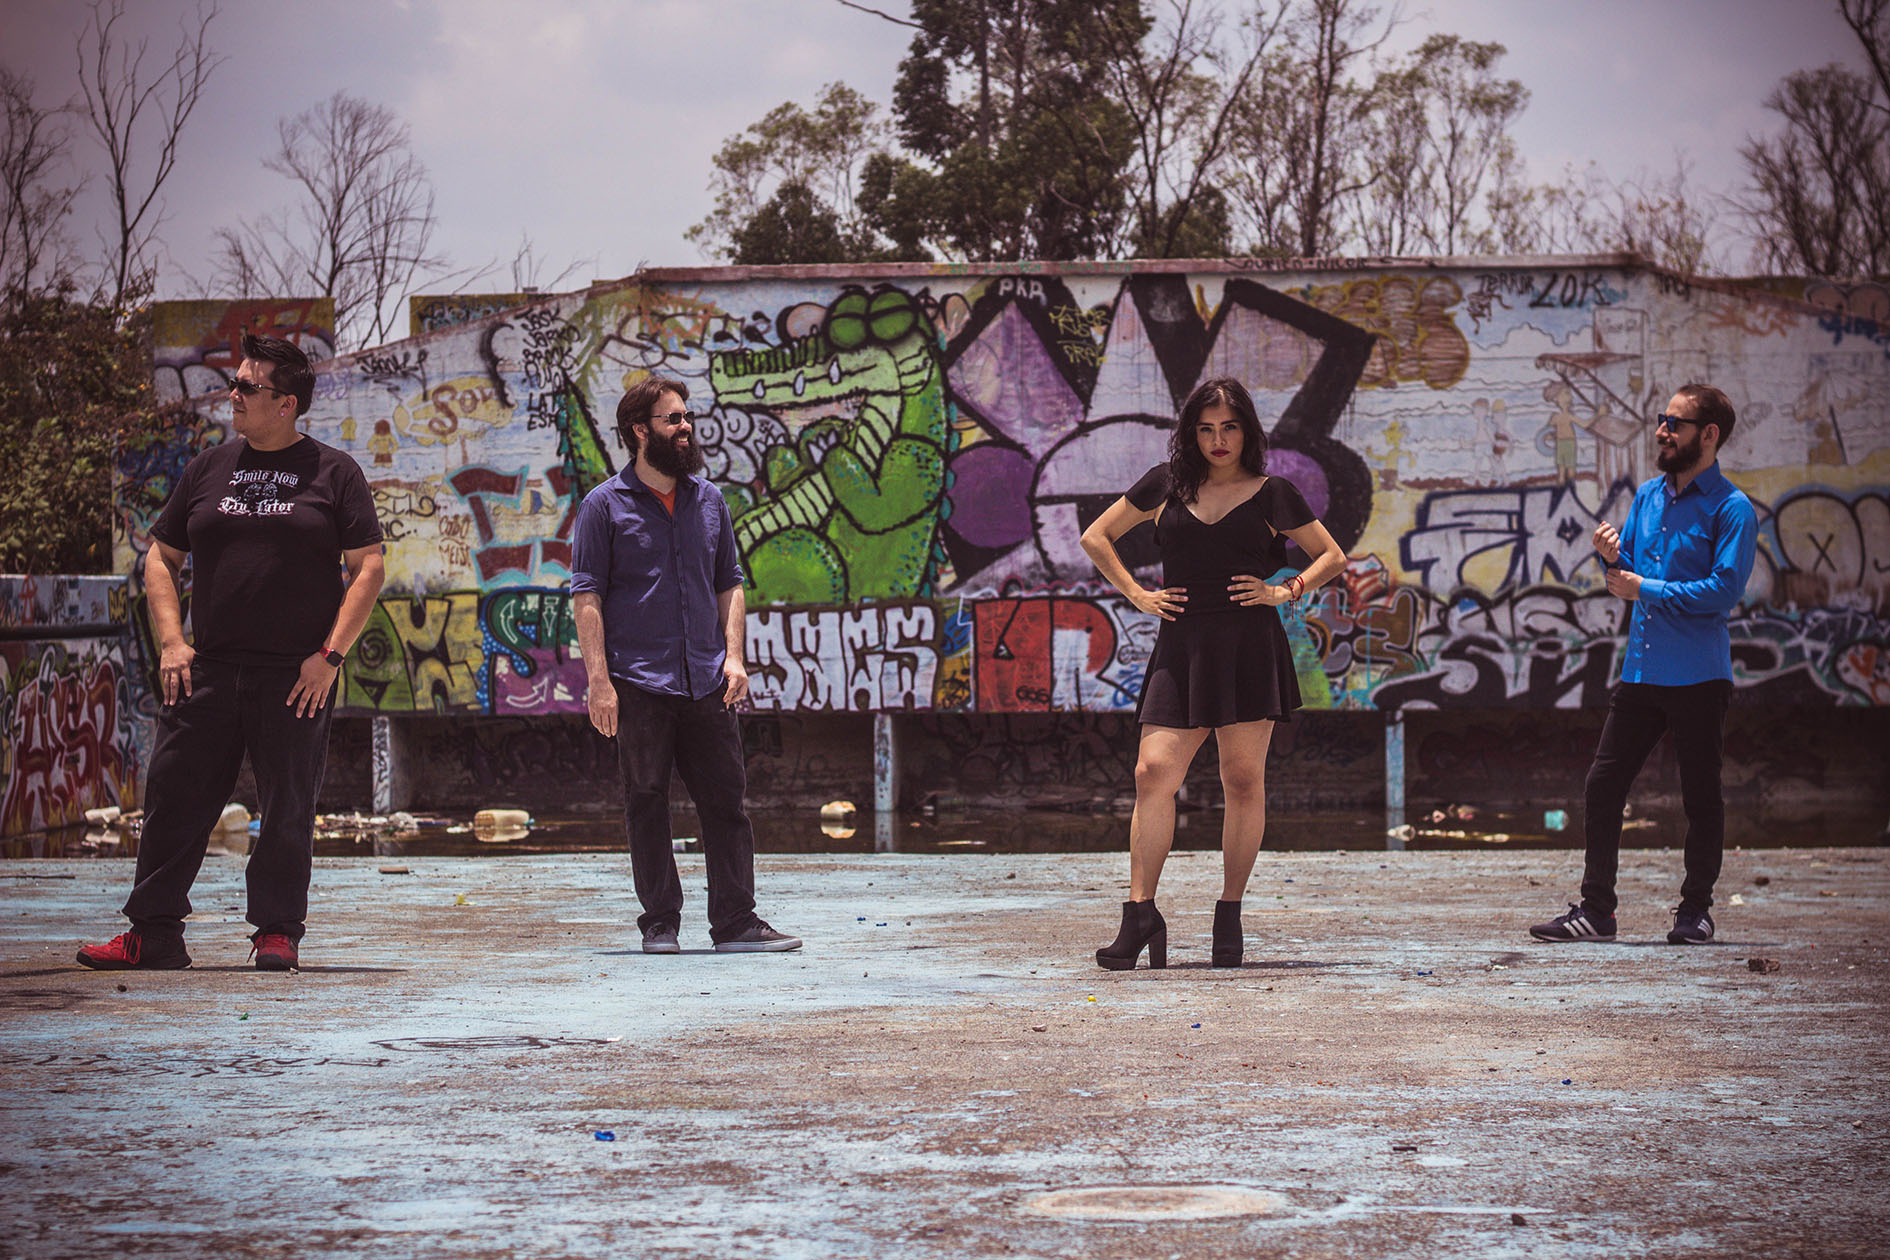 Quadrafunks, fusión de Funk Rock y Electrónica para quitar lo cuadrado a la vida